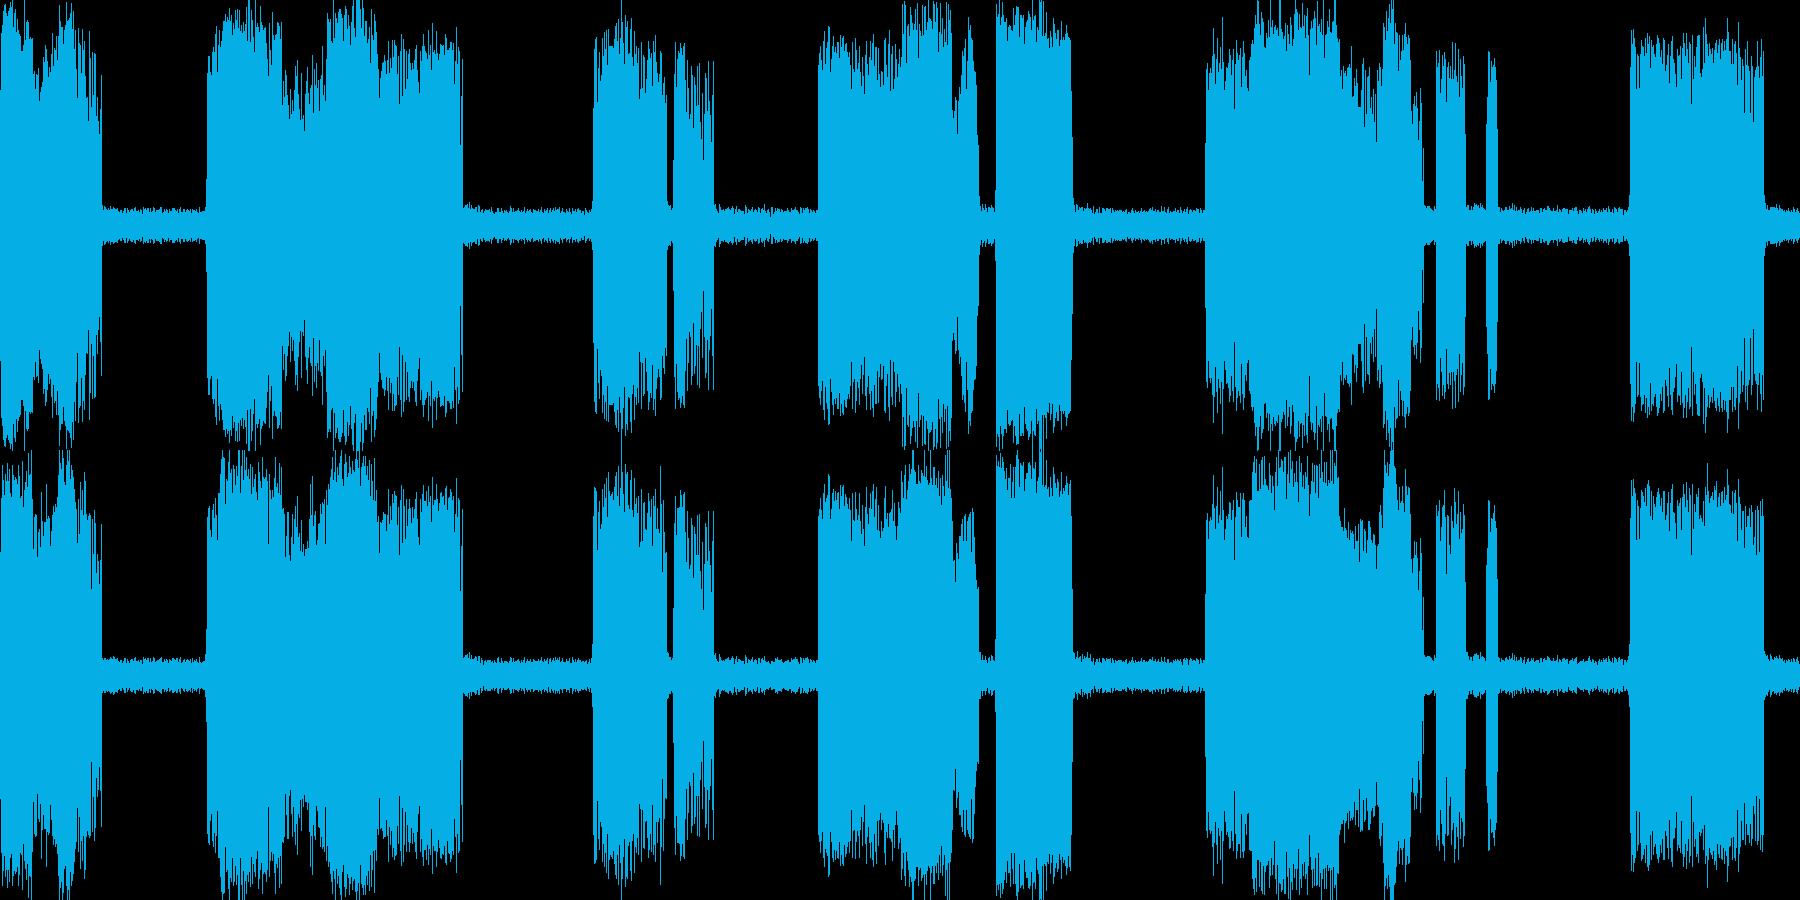 電気バチバチの再生済みの波形